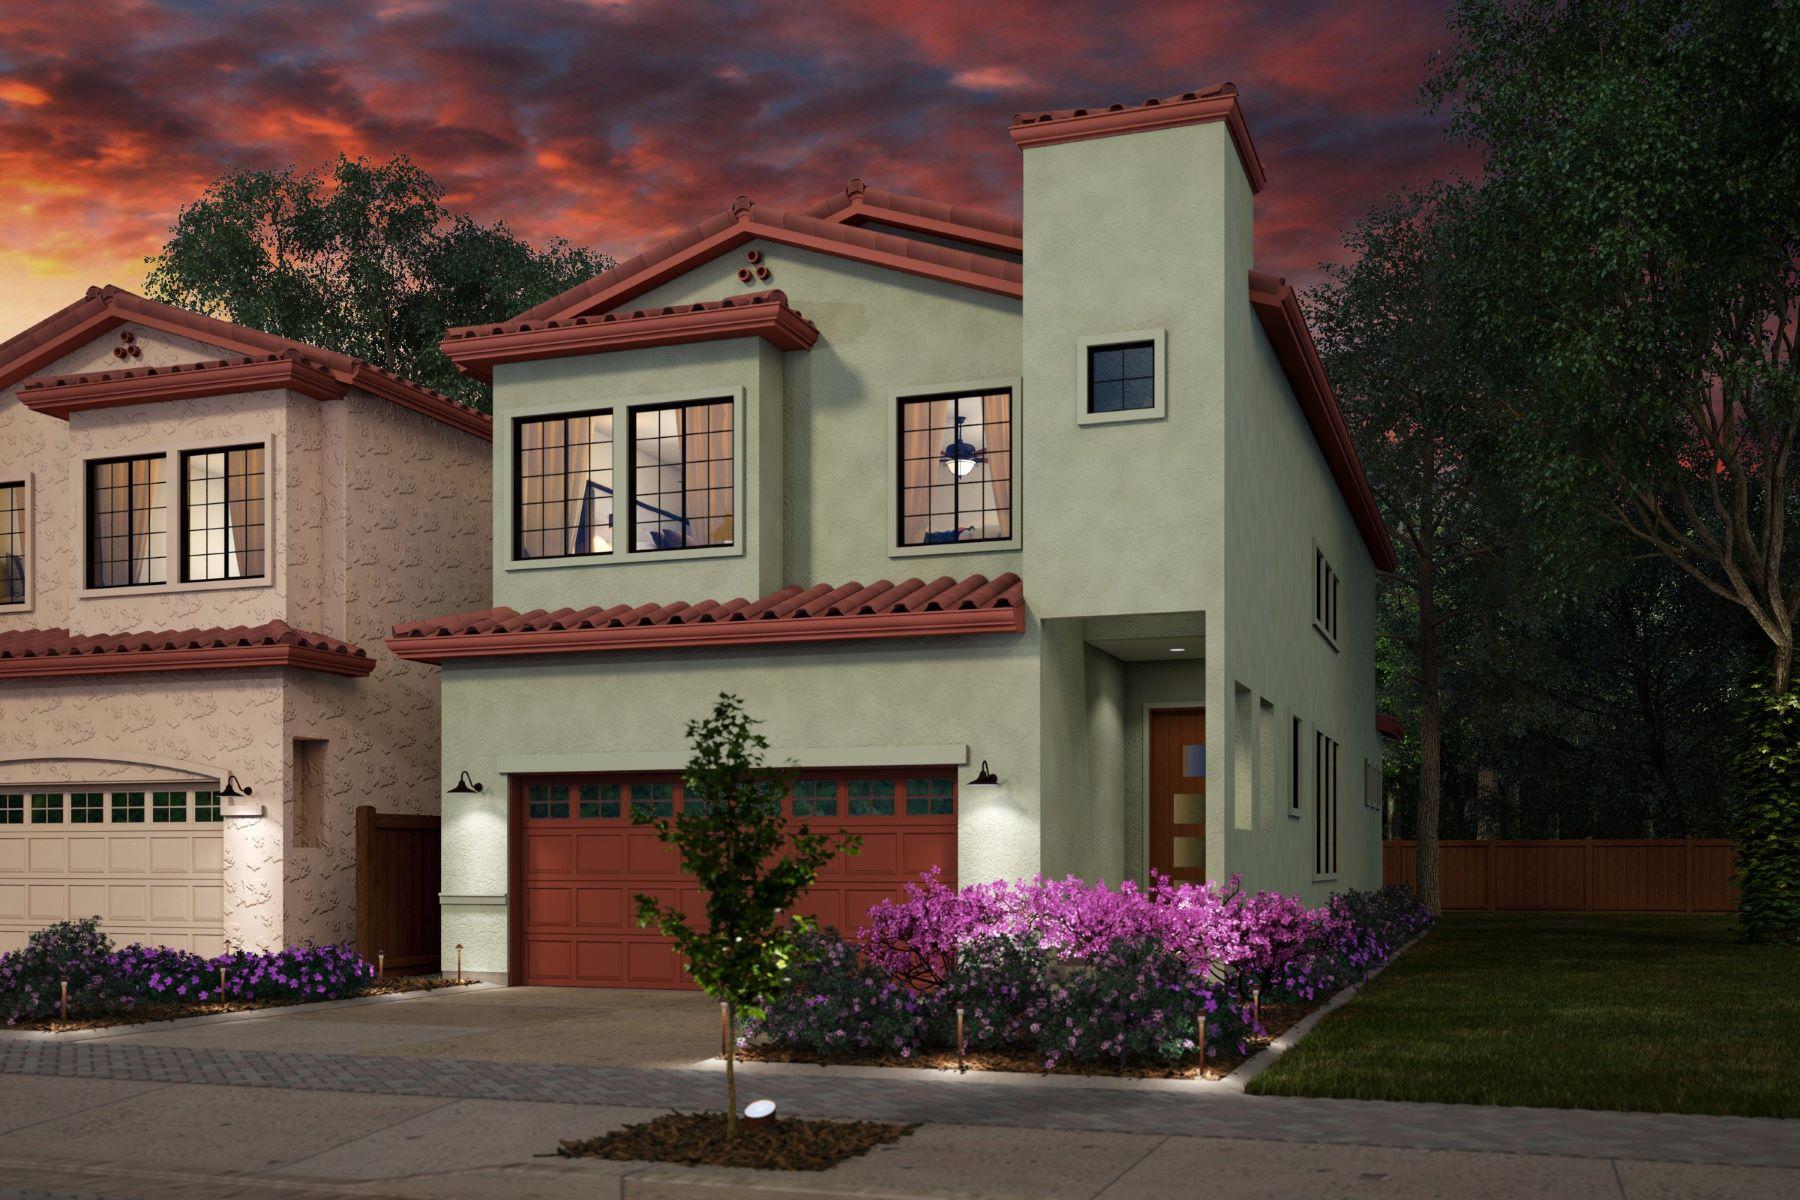 独户住宅 为 销售 在 446-470 B Street Colma, 加利福尼亚州, 94014 美国